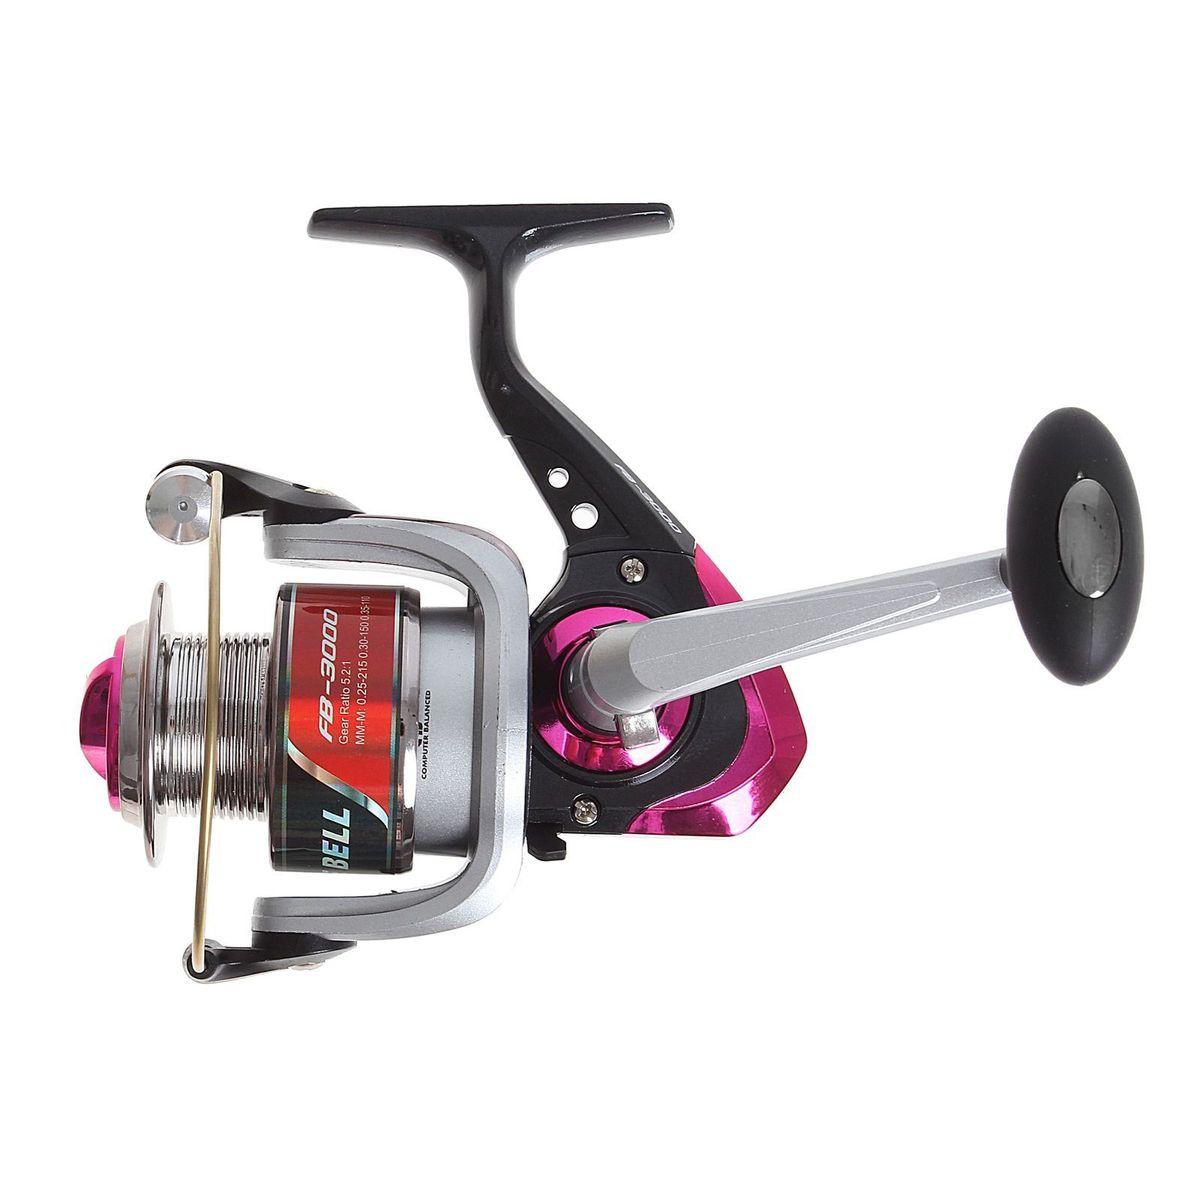 Катушка безынерционная Onlitop 1BB FB 3000, цвет: красный, 1 подшипник1233157Катушка 1BB FB 3000 это универсальная модель «эконом»-класса для разных условий рыбалки, отличный выбор для начинающих рыболовов.